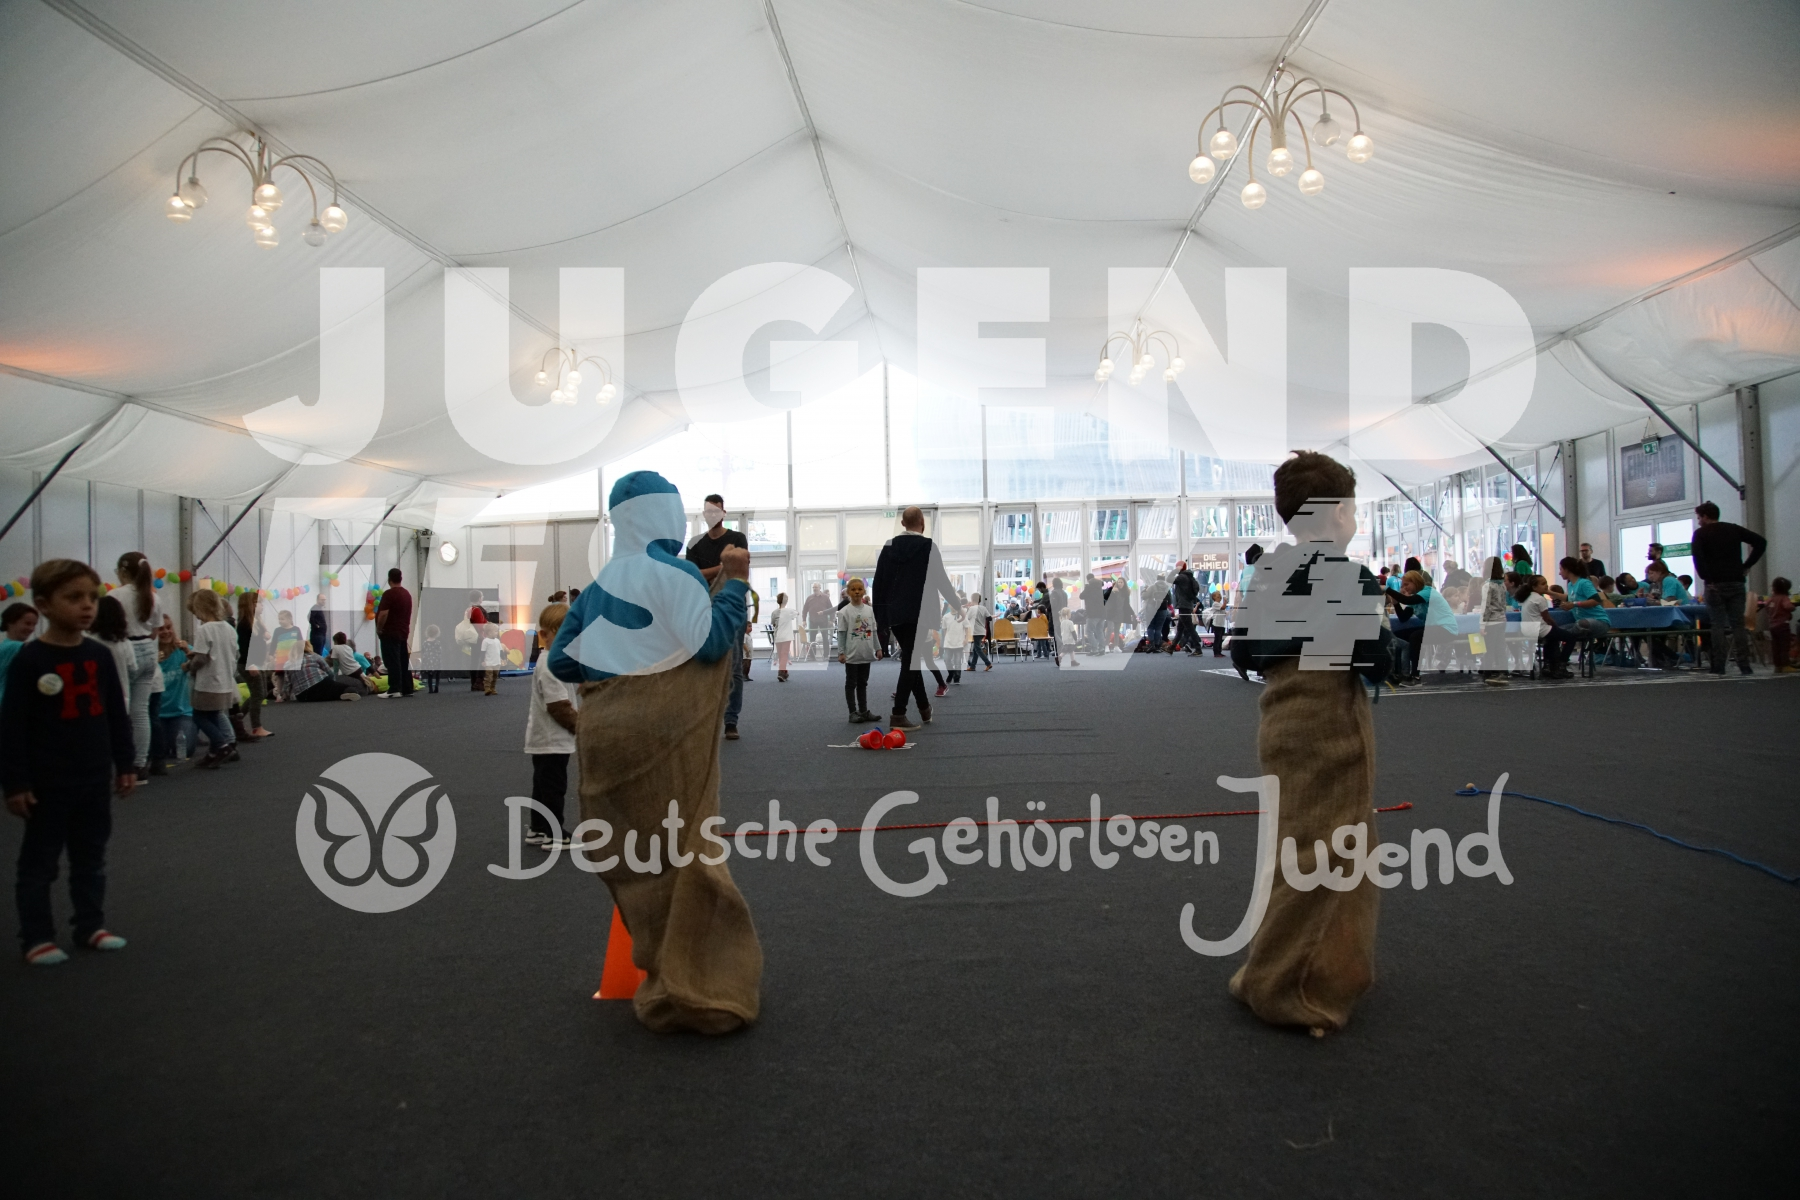 Jugendfestiv4l_FZ-116